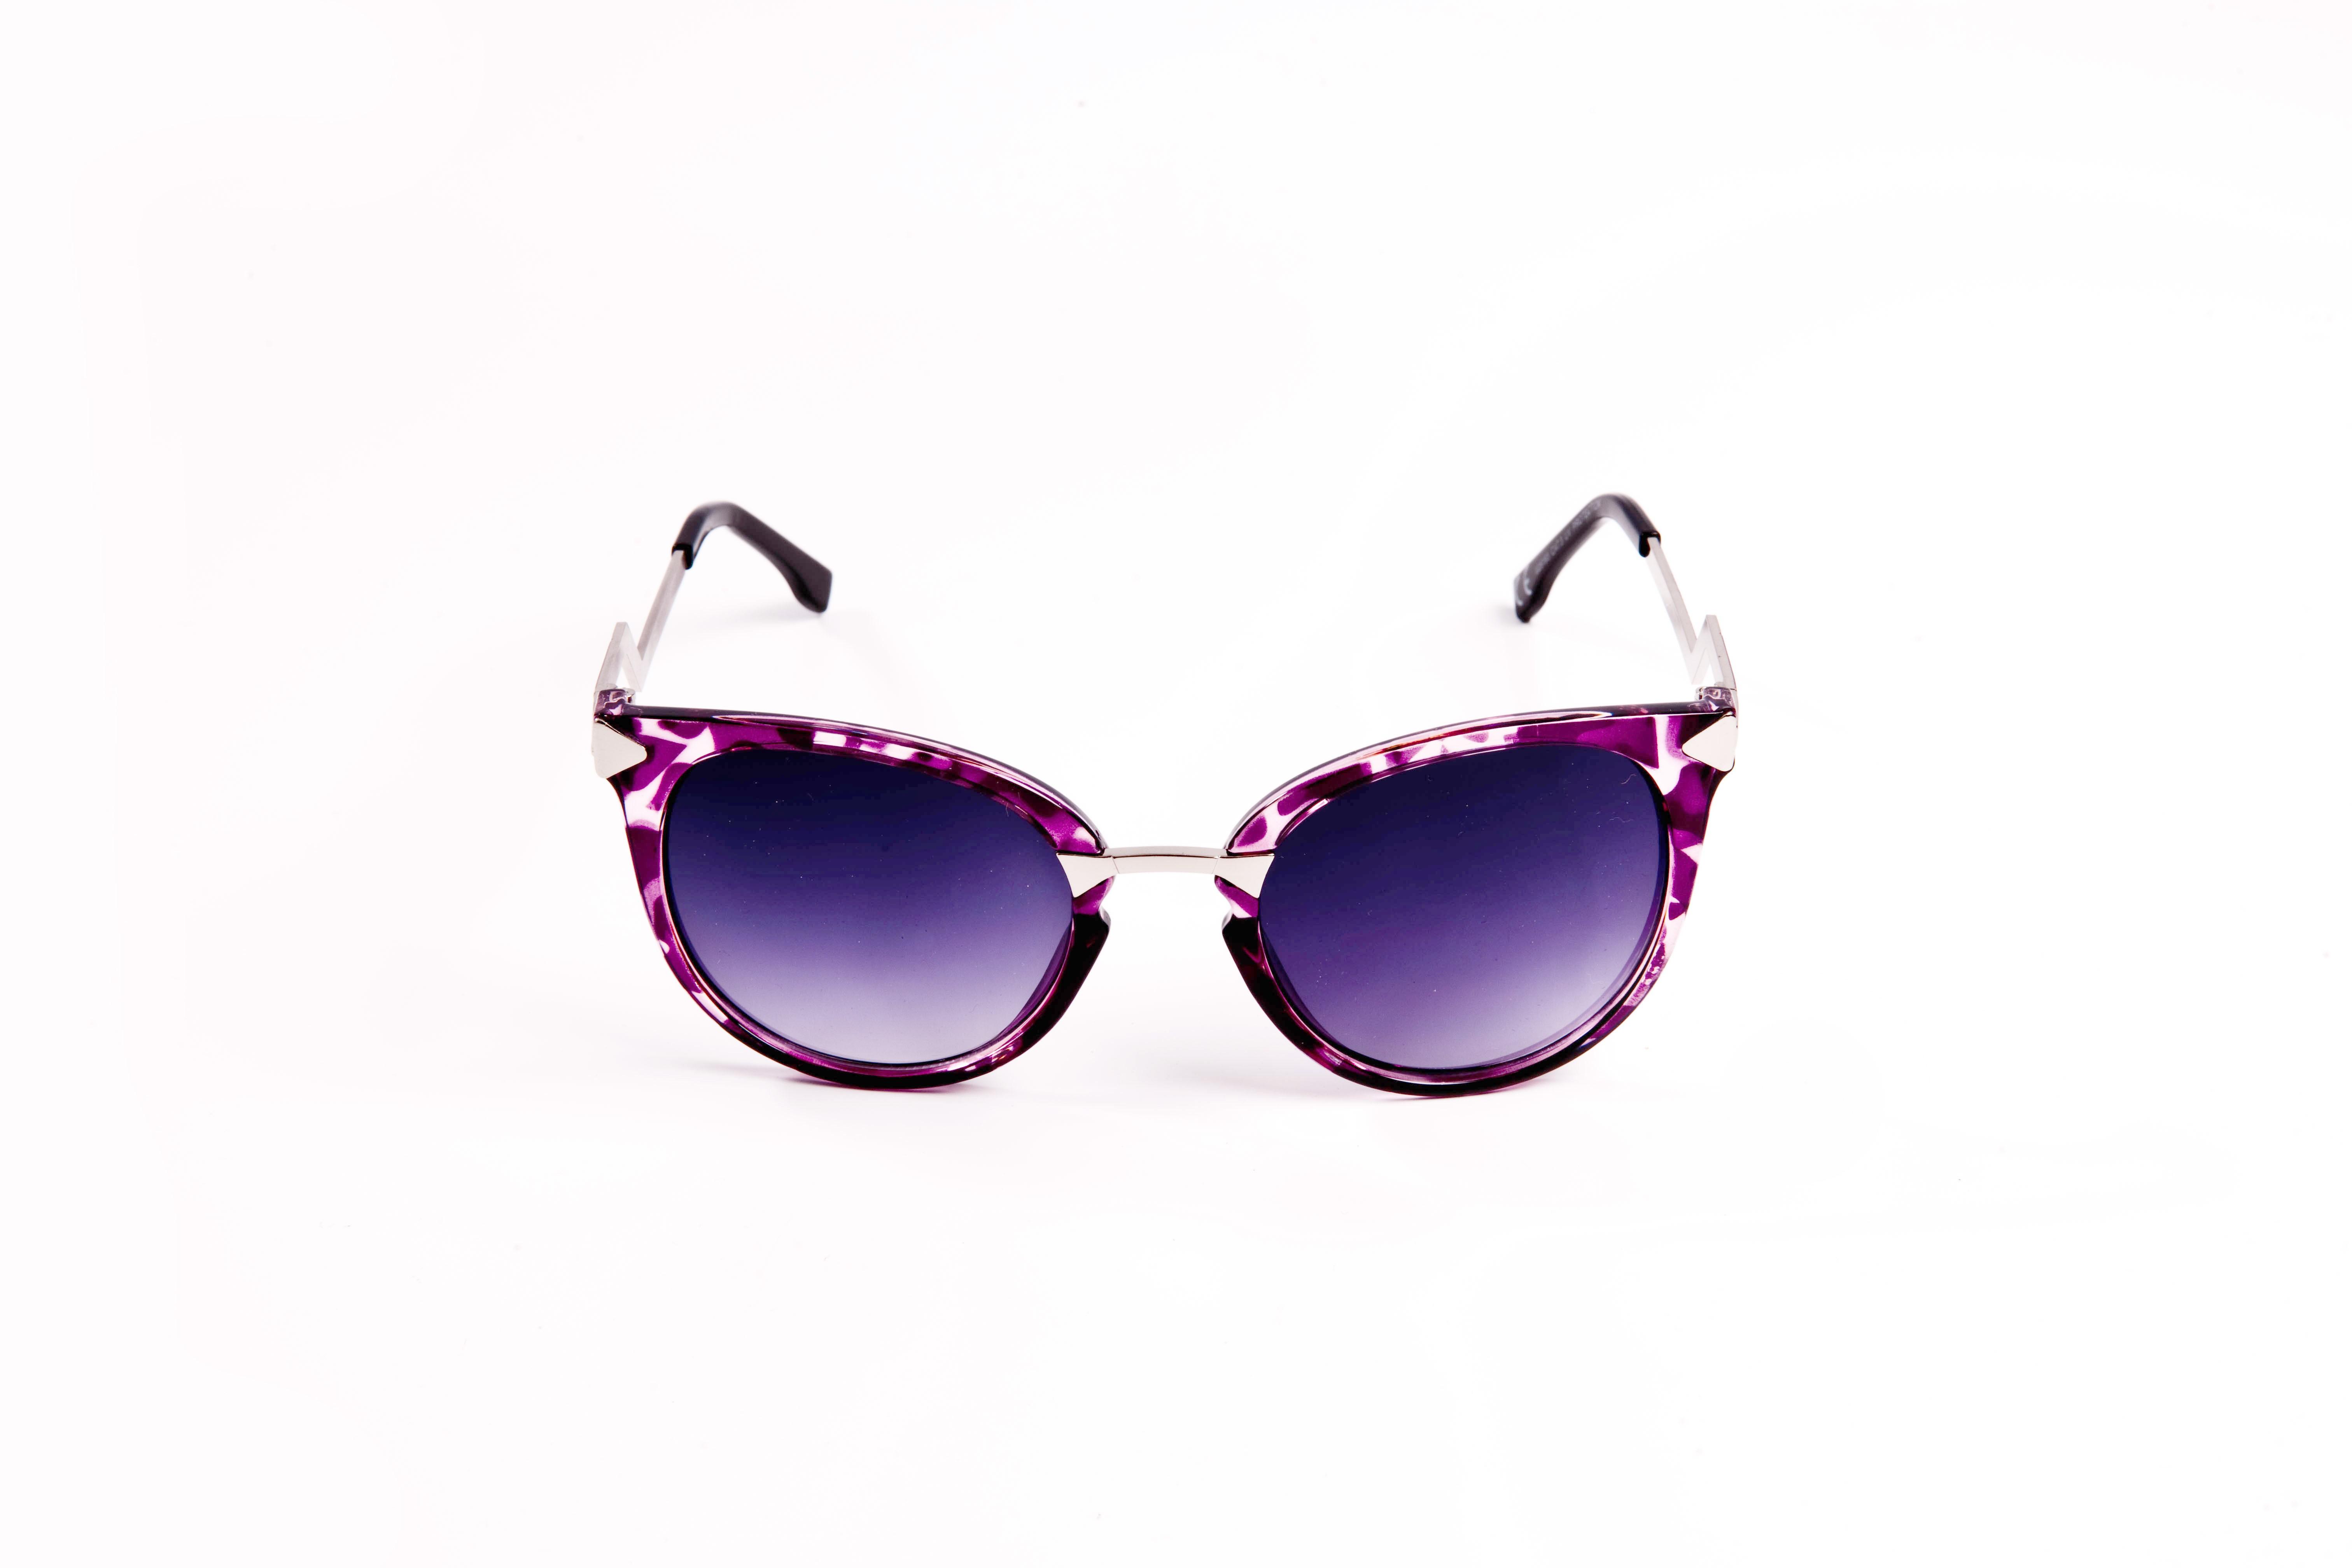 Lunettes de soleil violettes Vintage femme Cfd8A